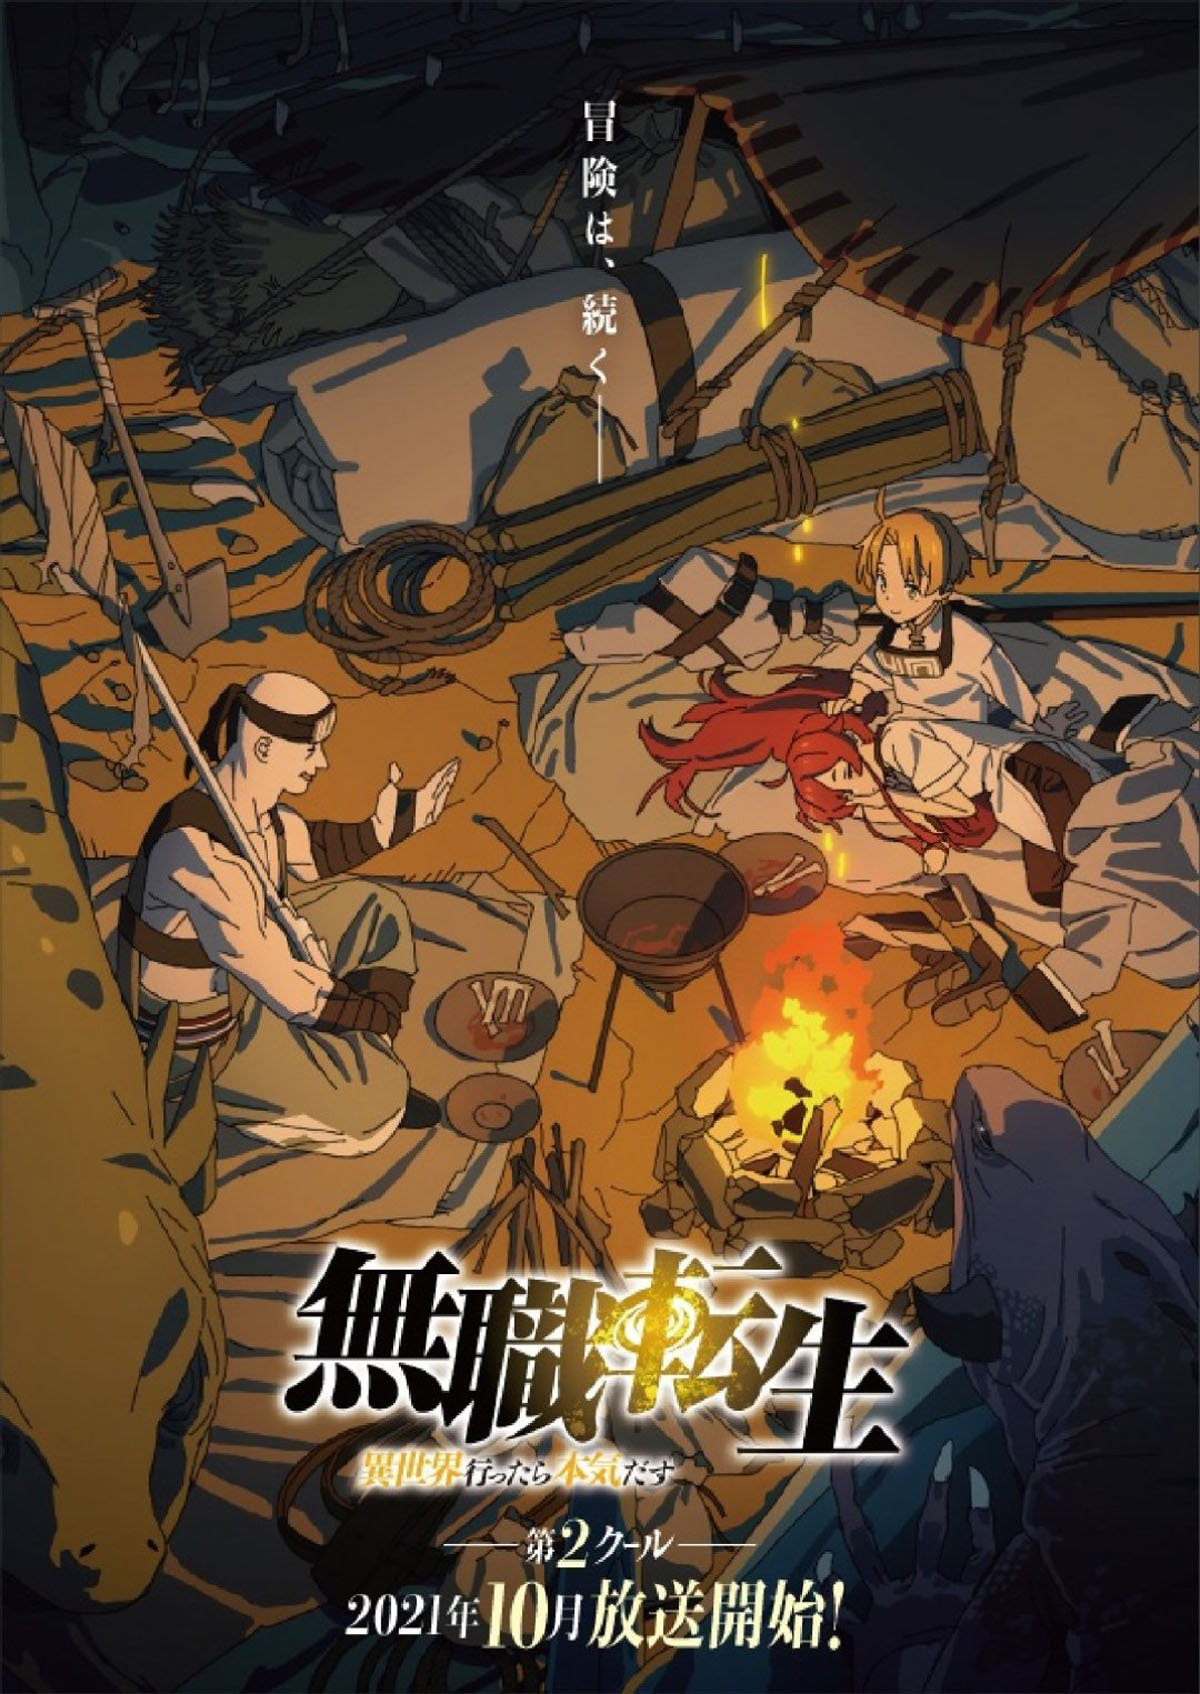 Mushoku Tensei: Jobless Reincarnation Part 2